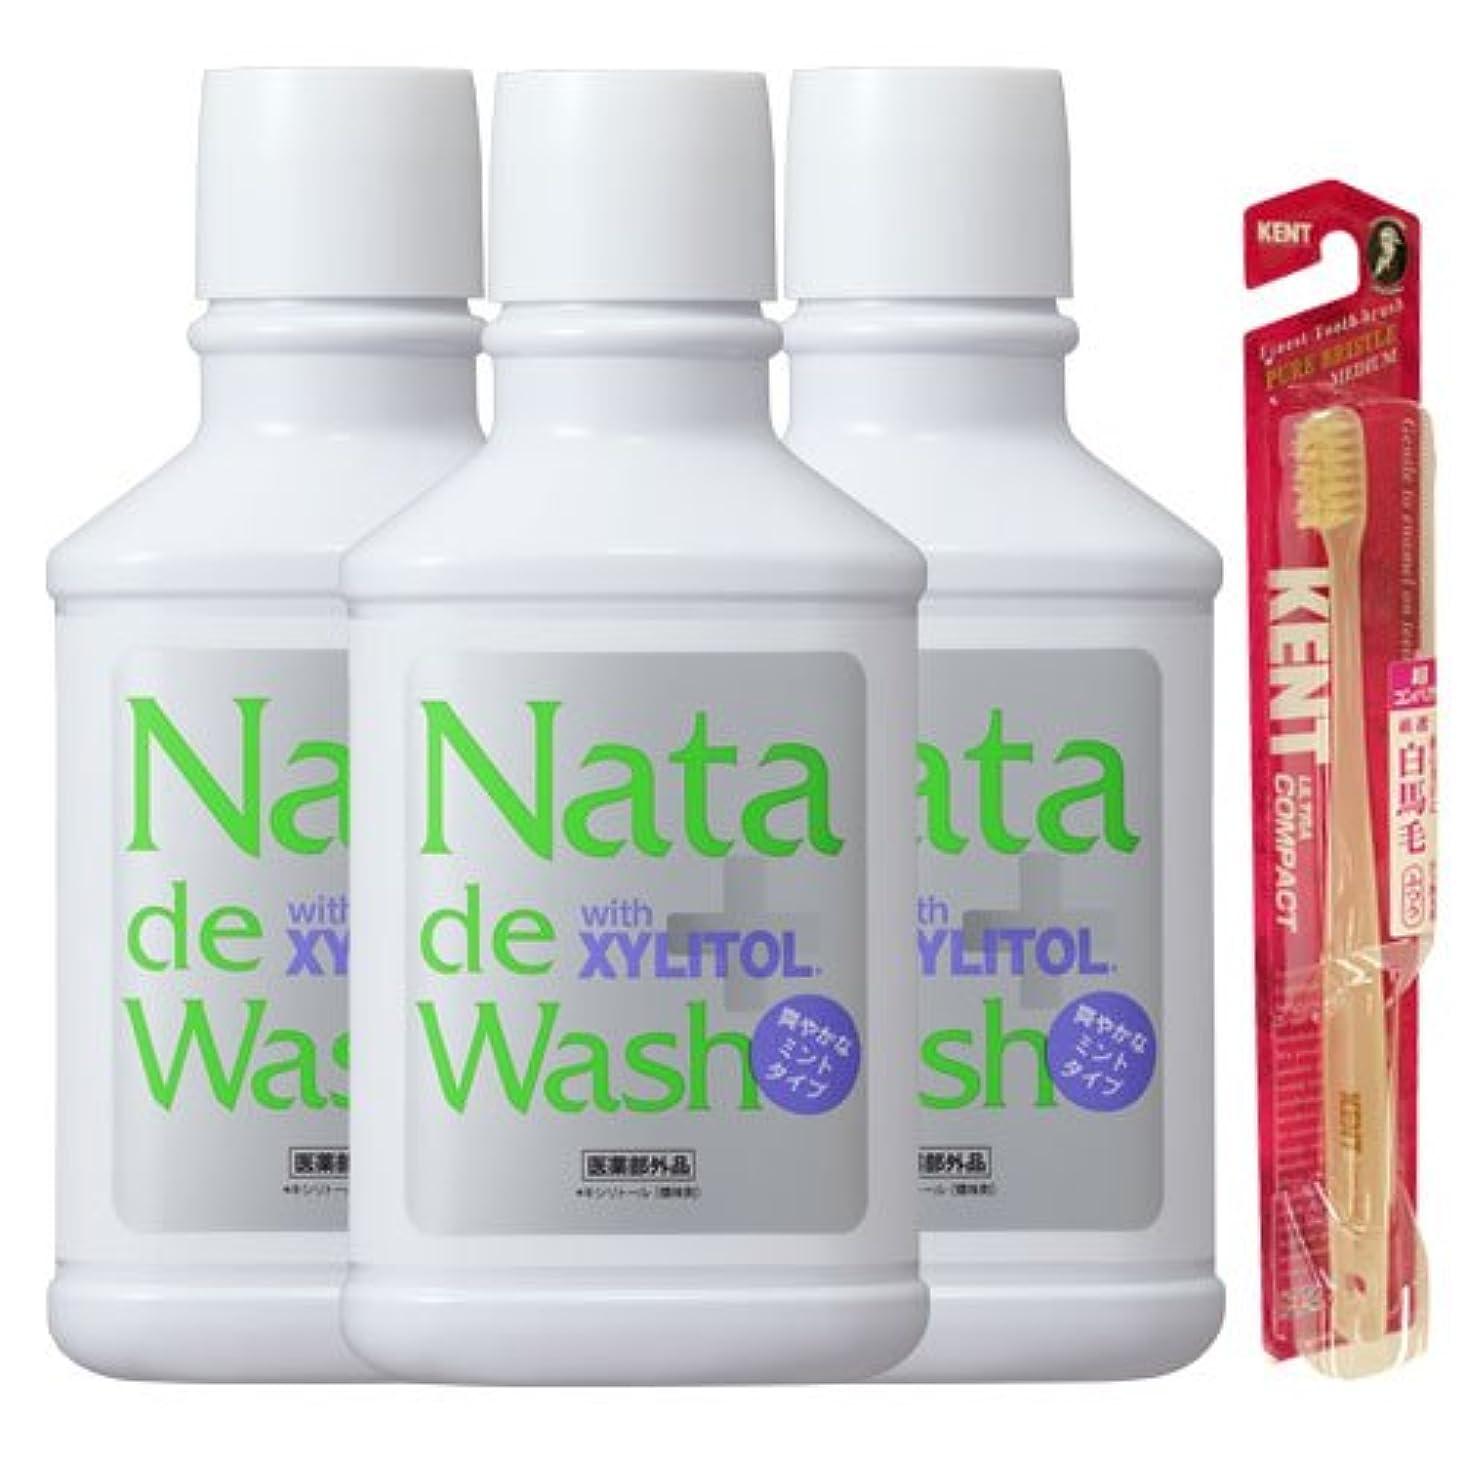 本質的にの頭の上安全性薬用ナタデウォッシュ 爽やかなミントタイプ 500ml 3本& KENT歯ブラシ1本プレゼント